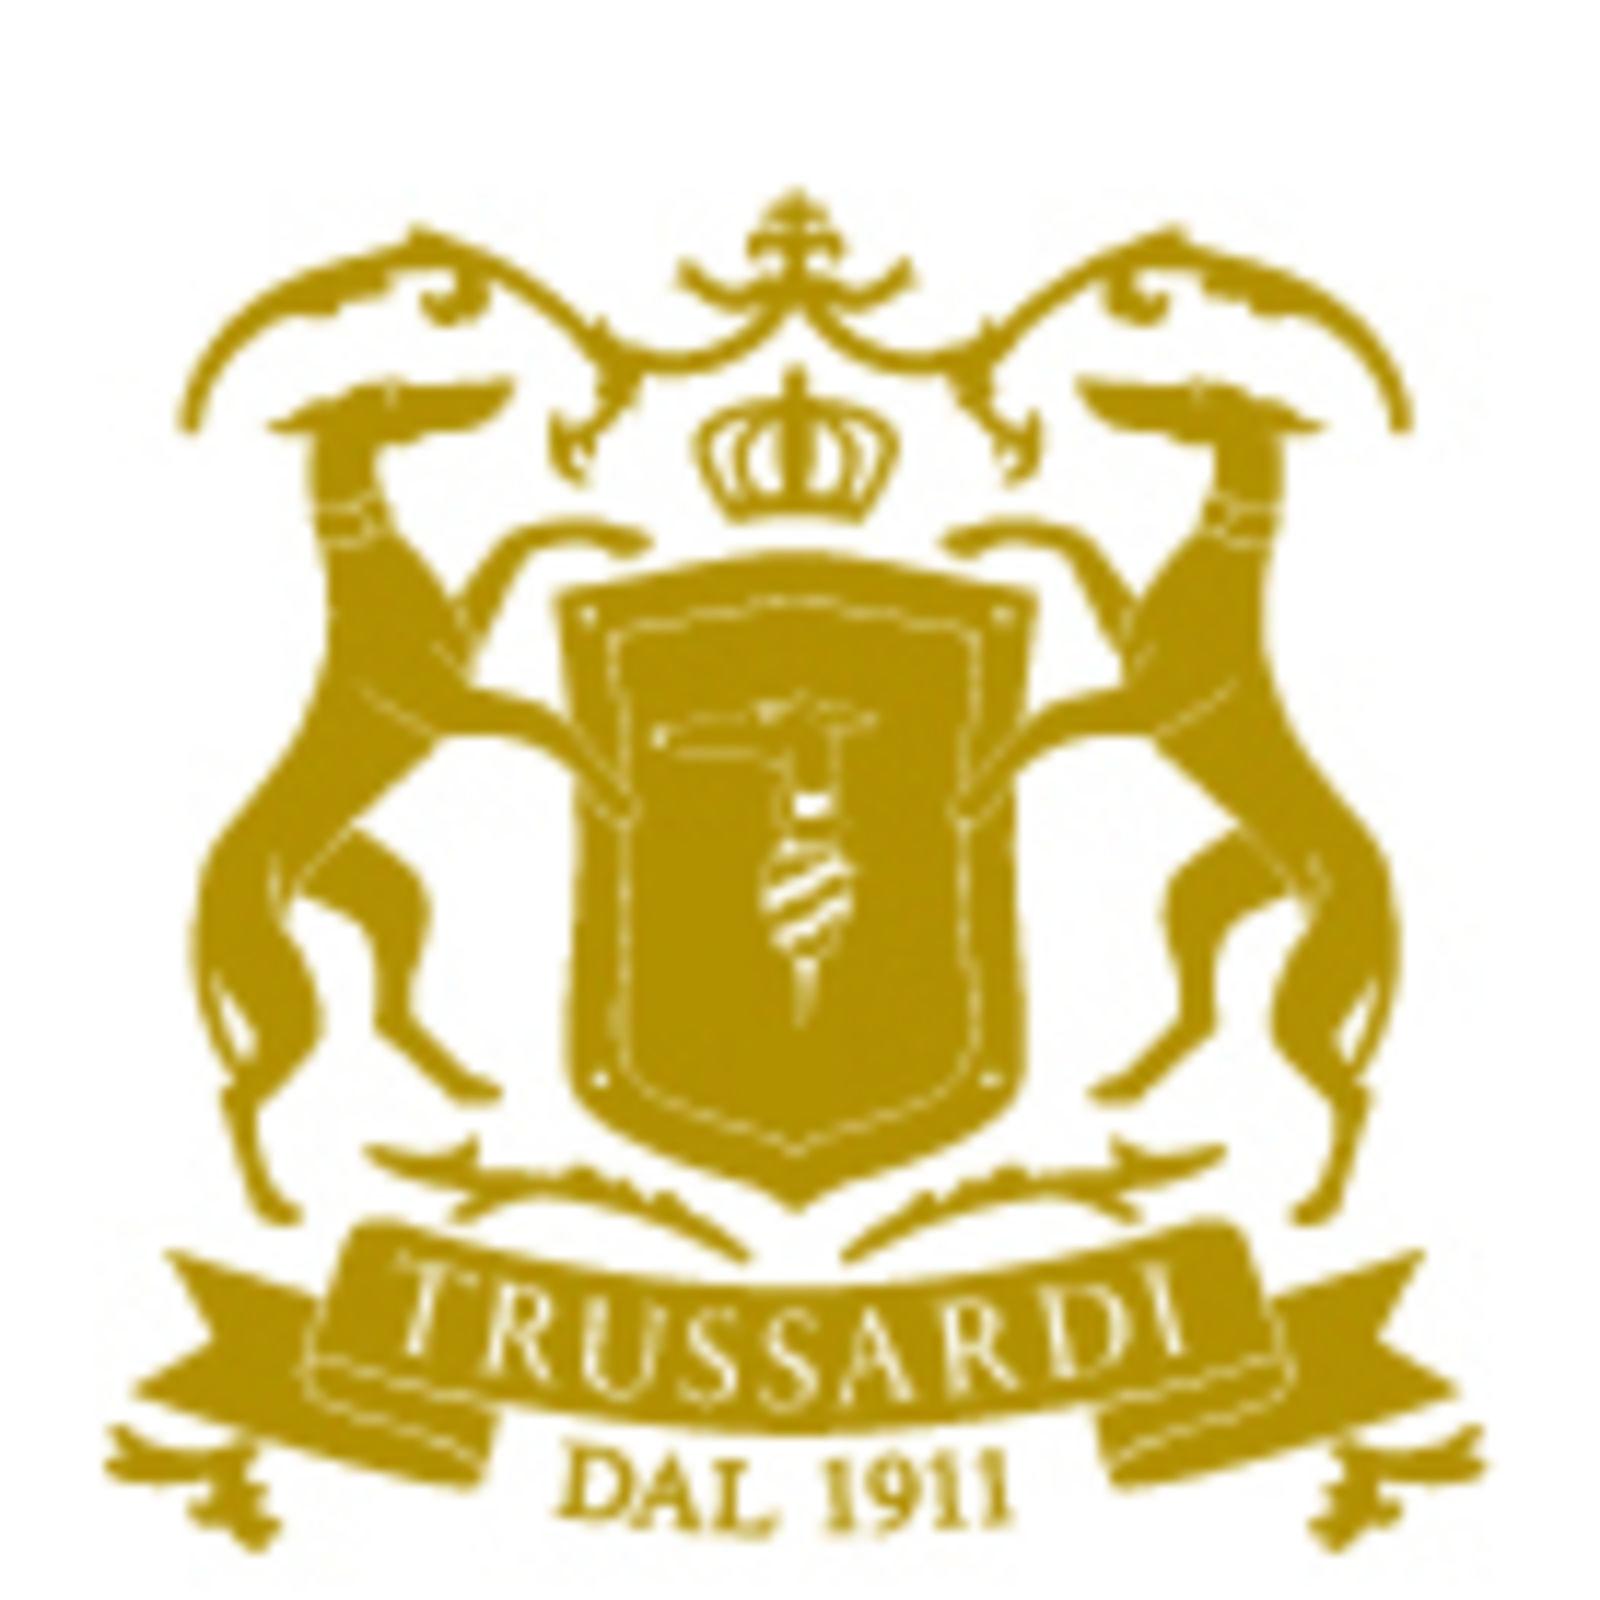 TRUSSARDI Eyewear (Bild 1)